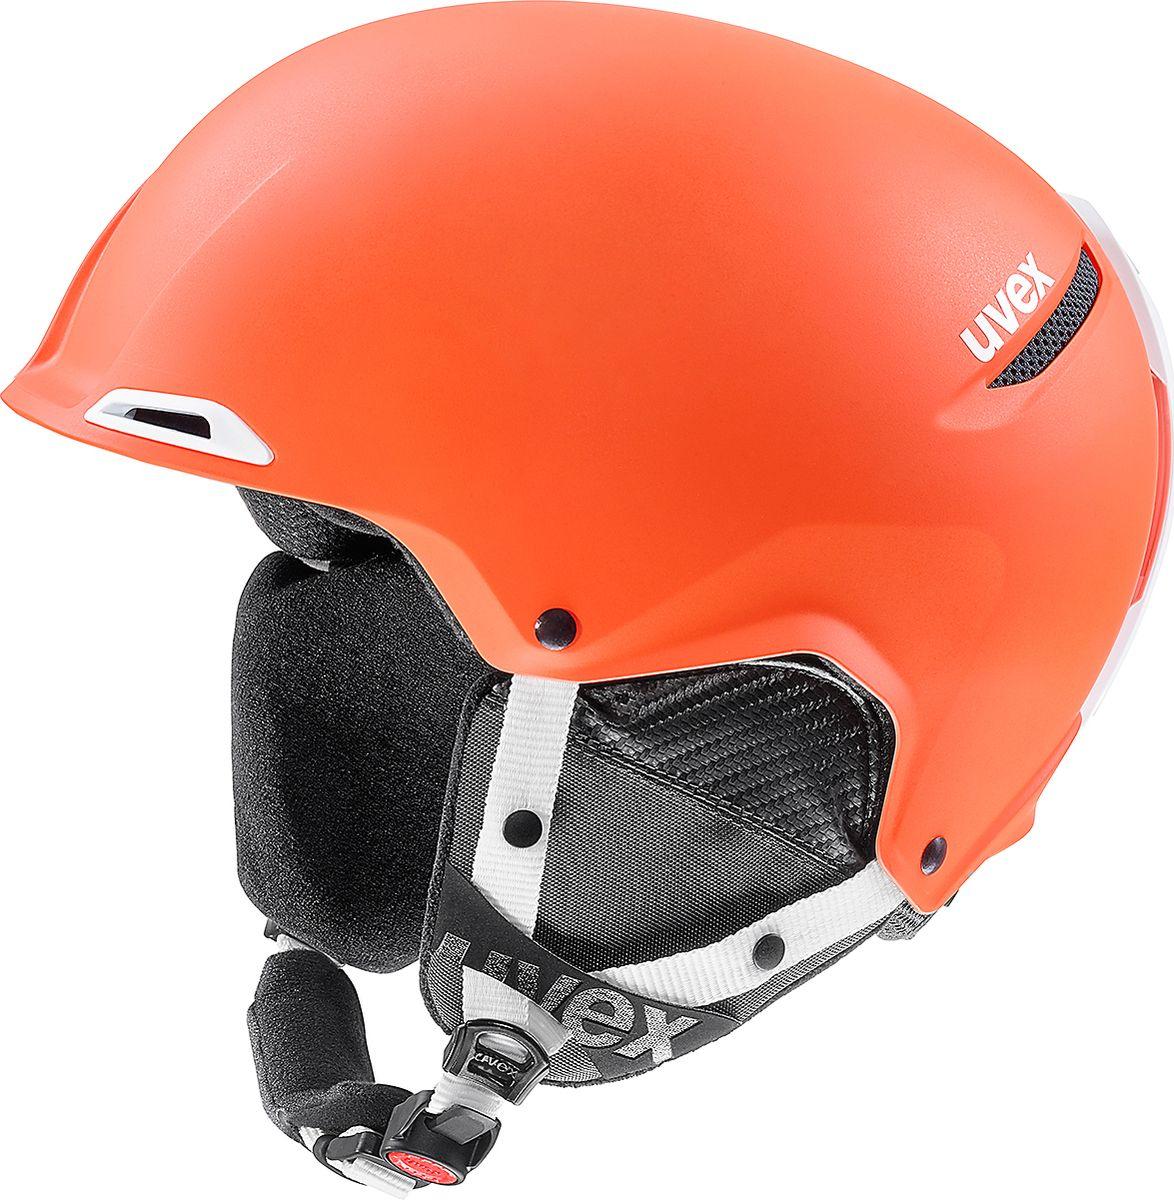 Шлем горнолыжный Uvex Jakk + Helmet, цвет: оранжевый, белый матовый. Размер 55/596209Горнолыжный шлем Uvex Jakk + Helmet создан для удобства и защиты от травм во время катания на горных лыжах и на сноуборде.Конструкция hard shell делает шлем максимально прочным, при этом шлем остается очень легким: материал внешнего слоя шлема отличается максимальной прочностью и низким весом, он на 15% легче аналогов и на 16% лучше поглощает силу удара.Ремешок на подбородке Monomatic расстегивается и застегивается одним нажатием кнопки, апростая и быстрая регулировка размера шлема IAS 3D обеспечивает настройку шлема по обхвату и высоте головы.Съемная подкладка выполнена из гипоаллергенного материала.